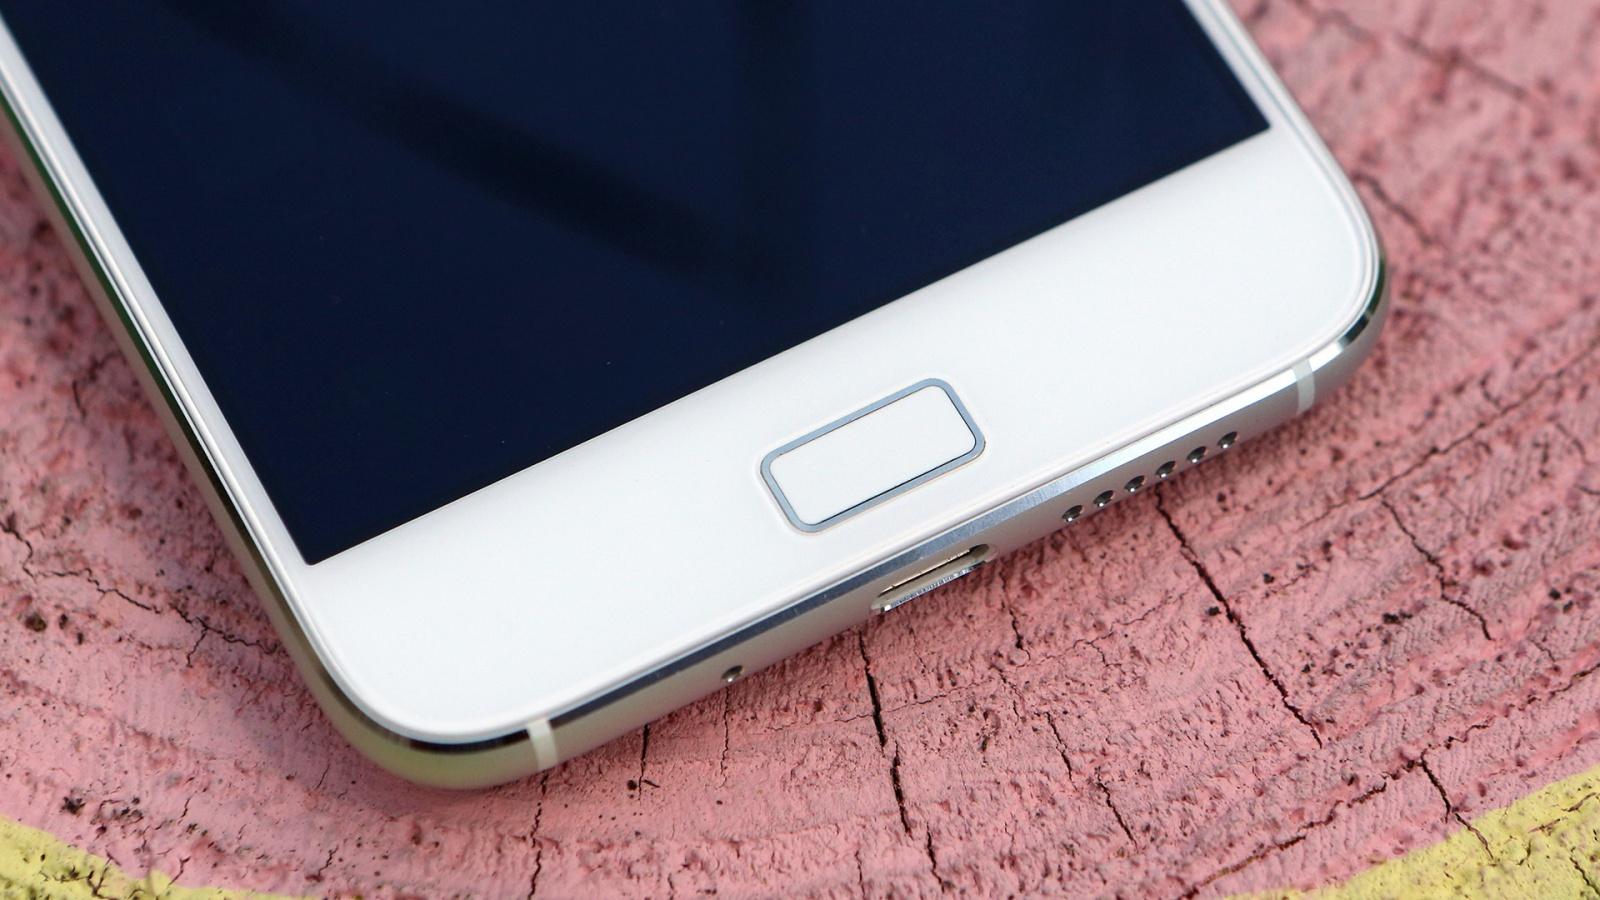 Обзор смартфона ZUK Z1: мощность и автономность по доступной цене - 6